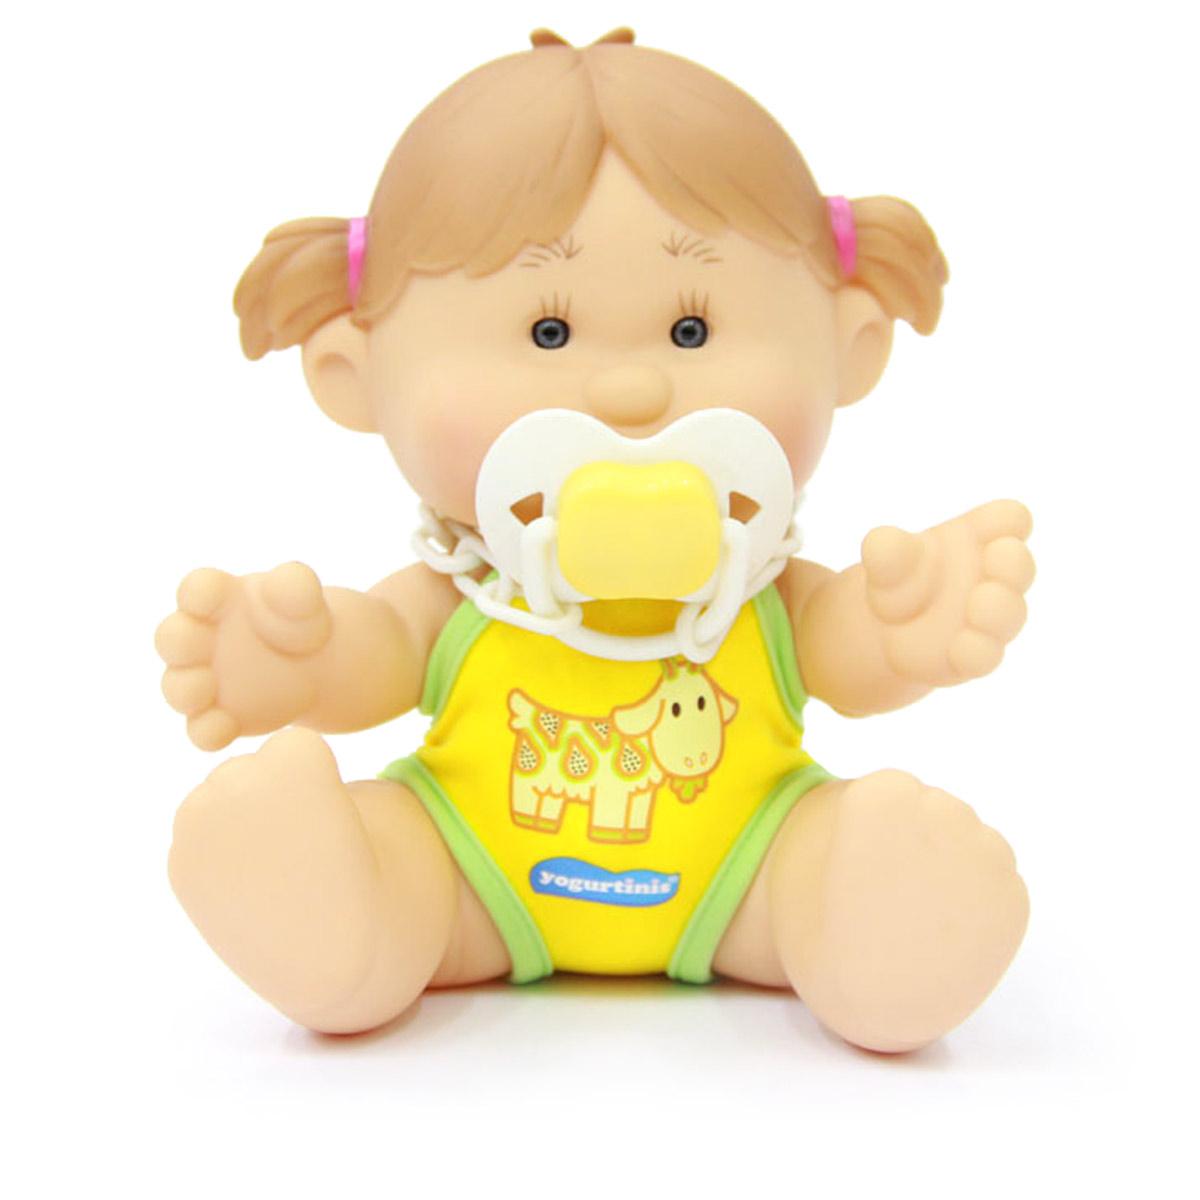 Yogurtinis Пупс Майа Папайя15002-6Кукла-пупс Yogurtinis Майа Папайя - порадует вашу малышку и доставит ей много удовольствия от часов, посвященных игре с ней. Пупс - симпатичная и ароматизированная игрушка, от которой исходит приятный и ненавязчивый аромат папайи. На шее у Майи имеется соска на пластиковой цепочке, которую можно вставить в ротик пупсу. Кукла выполнена из резины, что позволяет брать ее с собой во время купания или же просто искупать отдельно. Части тела у пупсика подвижные, поэтому он может принимать разнообразные положения. Пупс упакован в пластиковую фирменную баночку. Каждая девочка сможет подобрать себе пупса Yogurtinis, ориентируясь на свои «фруктовые» предпочтения. Игра с куклой разовьет в вашей малышке чувство ответственности и заботы. Порадуйте свою принцессу таким великолепным подарком.